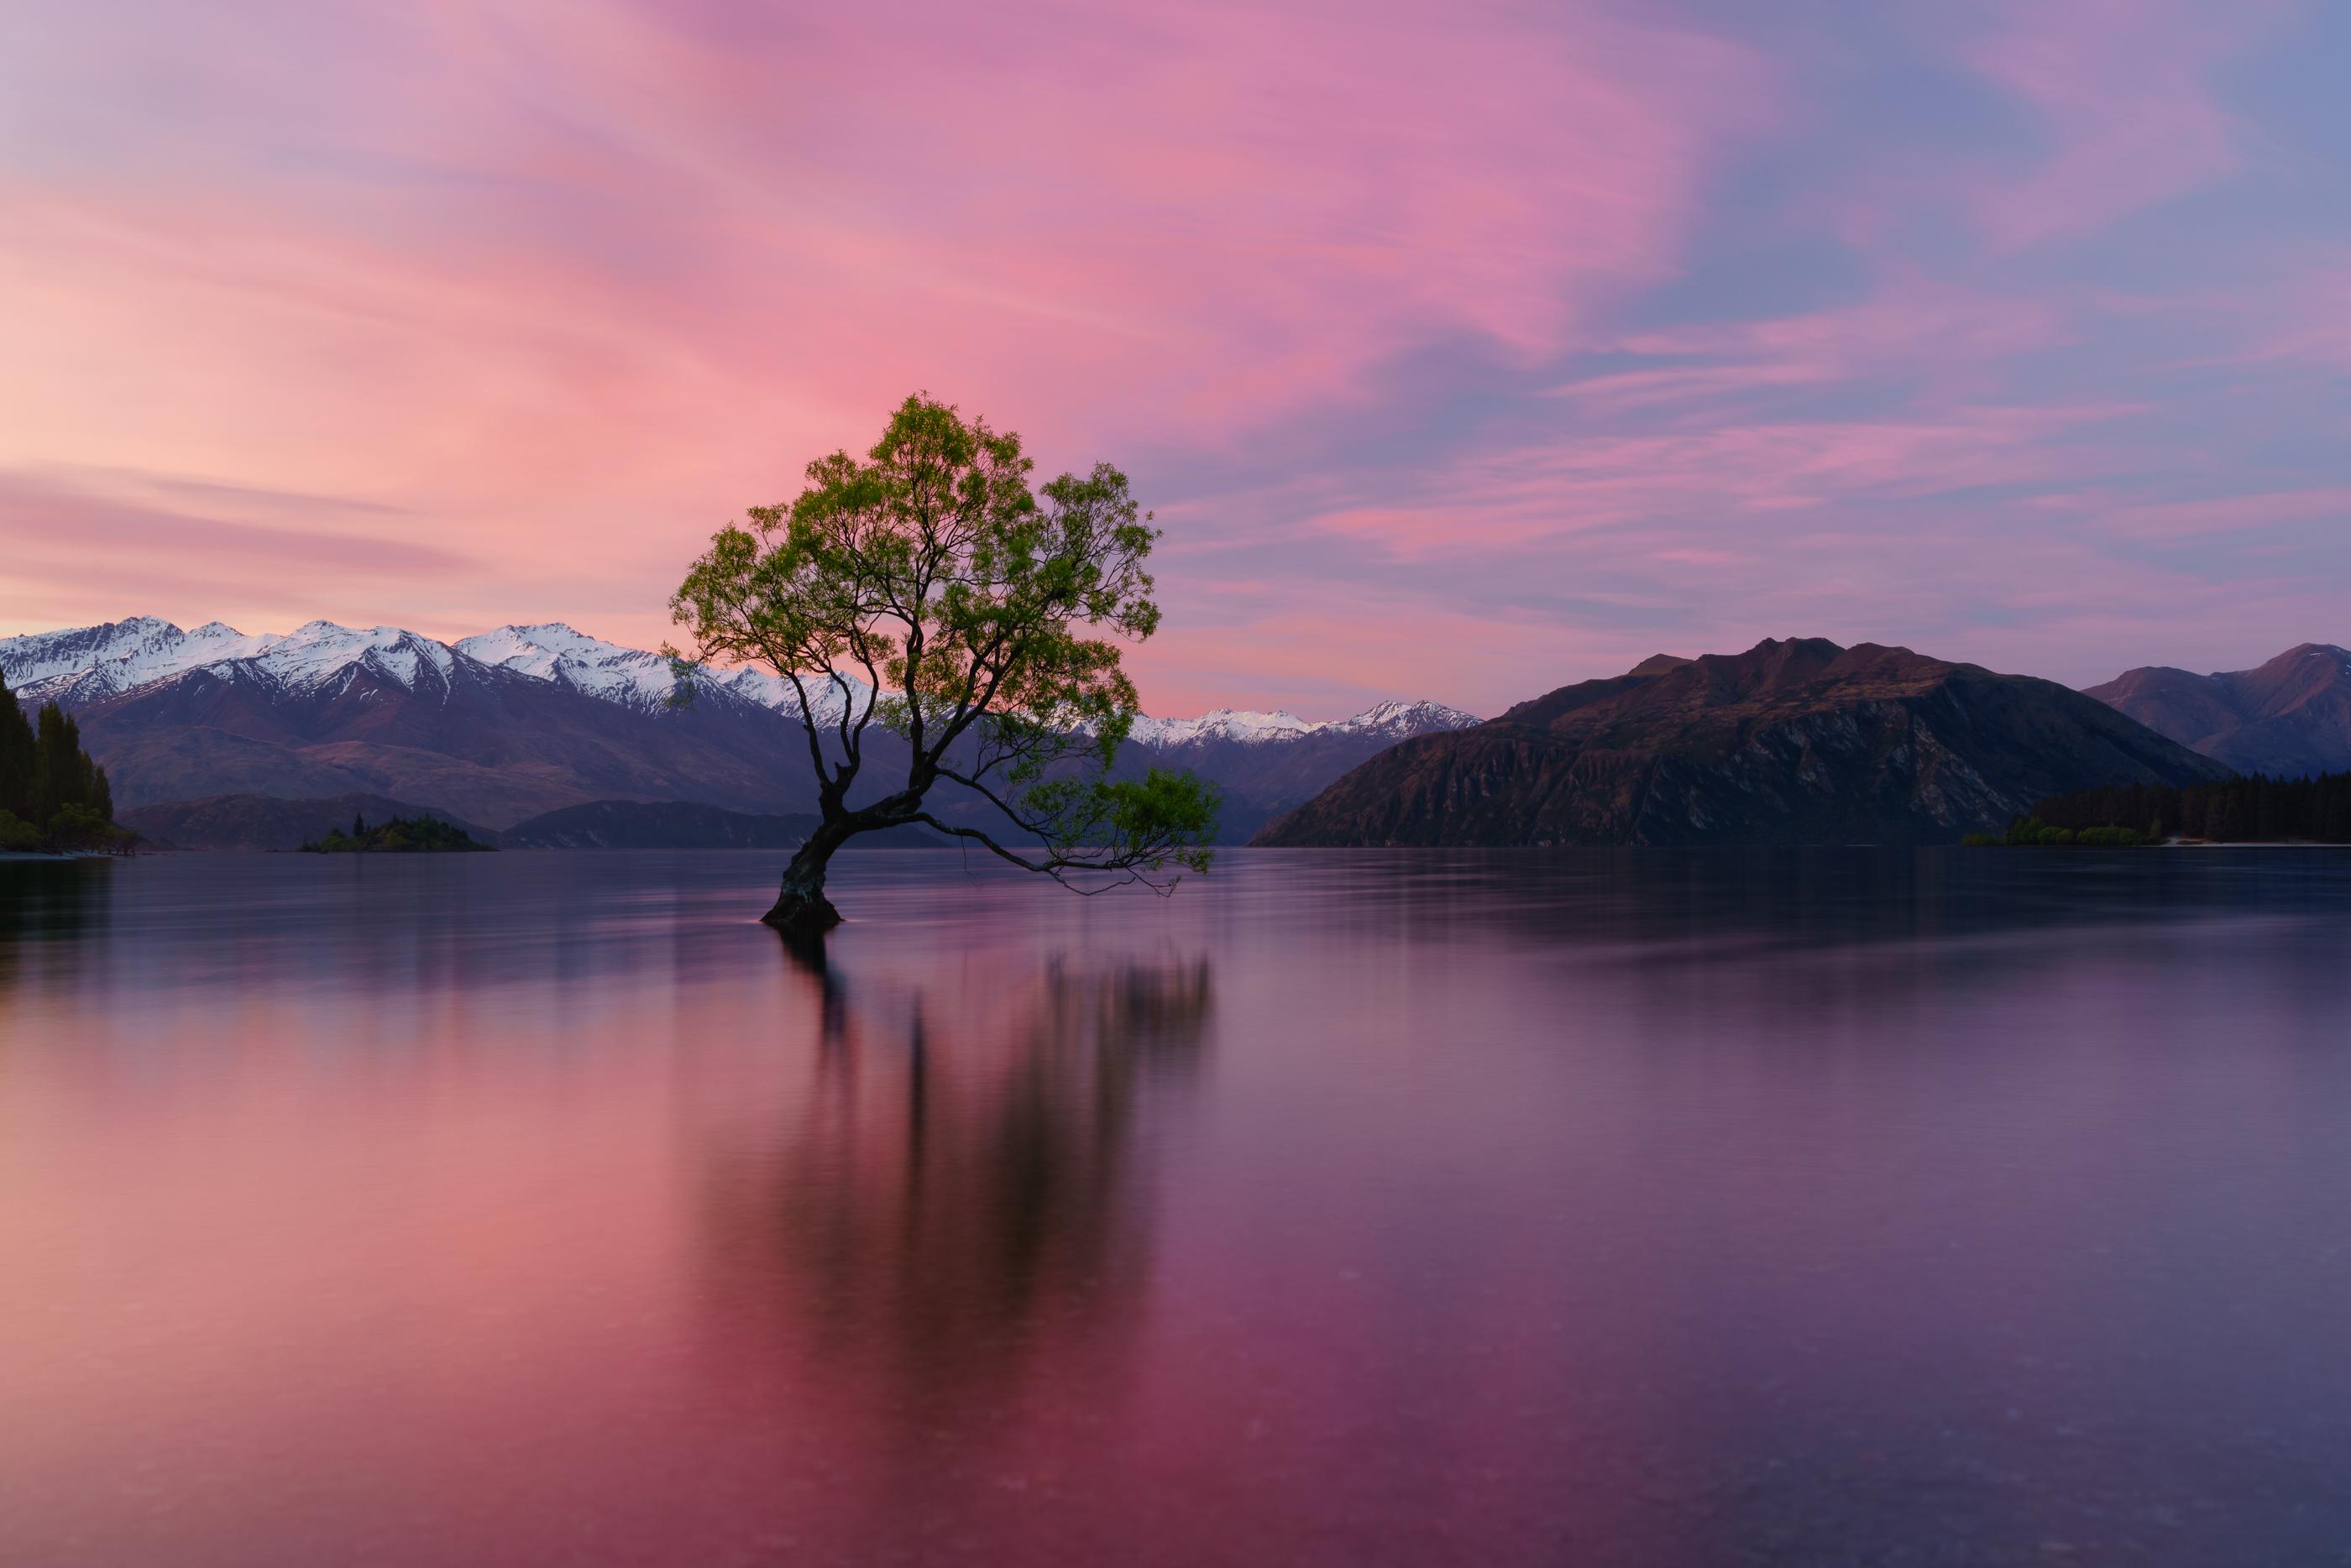 شجرة وحيدة في بحيرة واناكا محاطه بجبال الألب الجنوبية المذهلة في نيوزيلندا